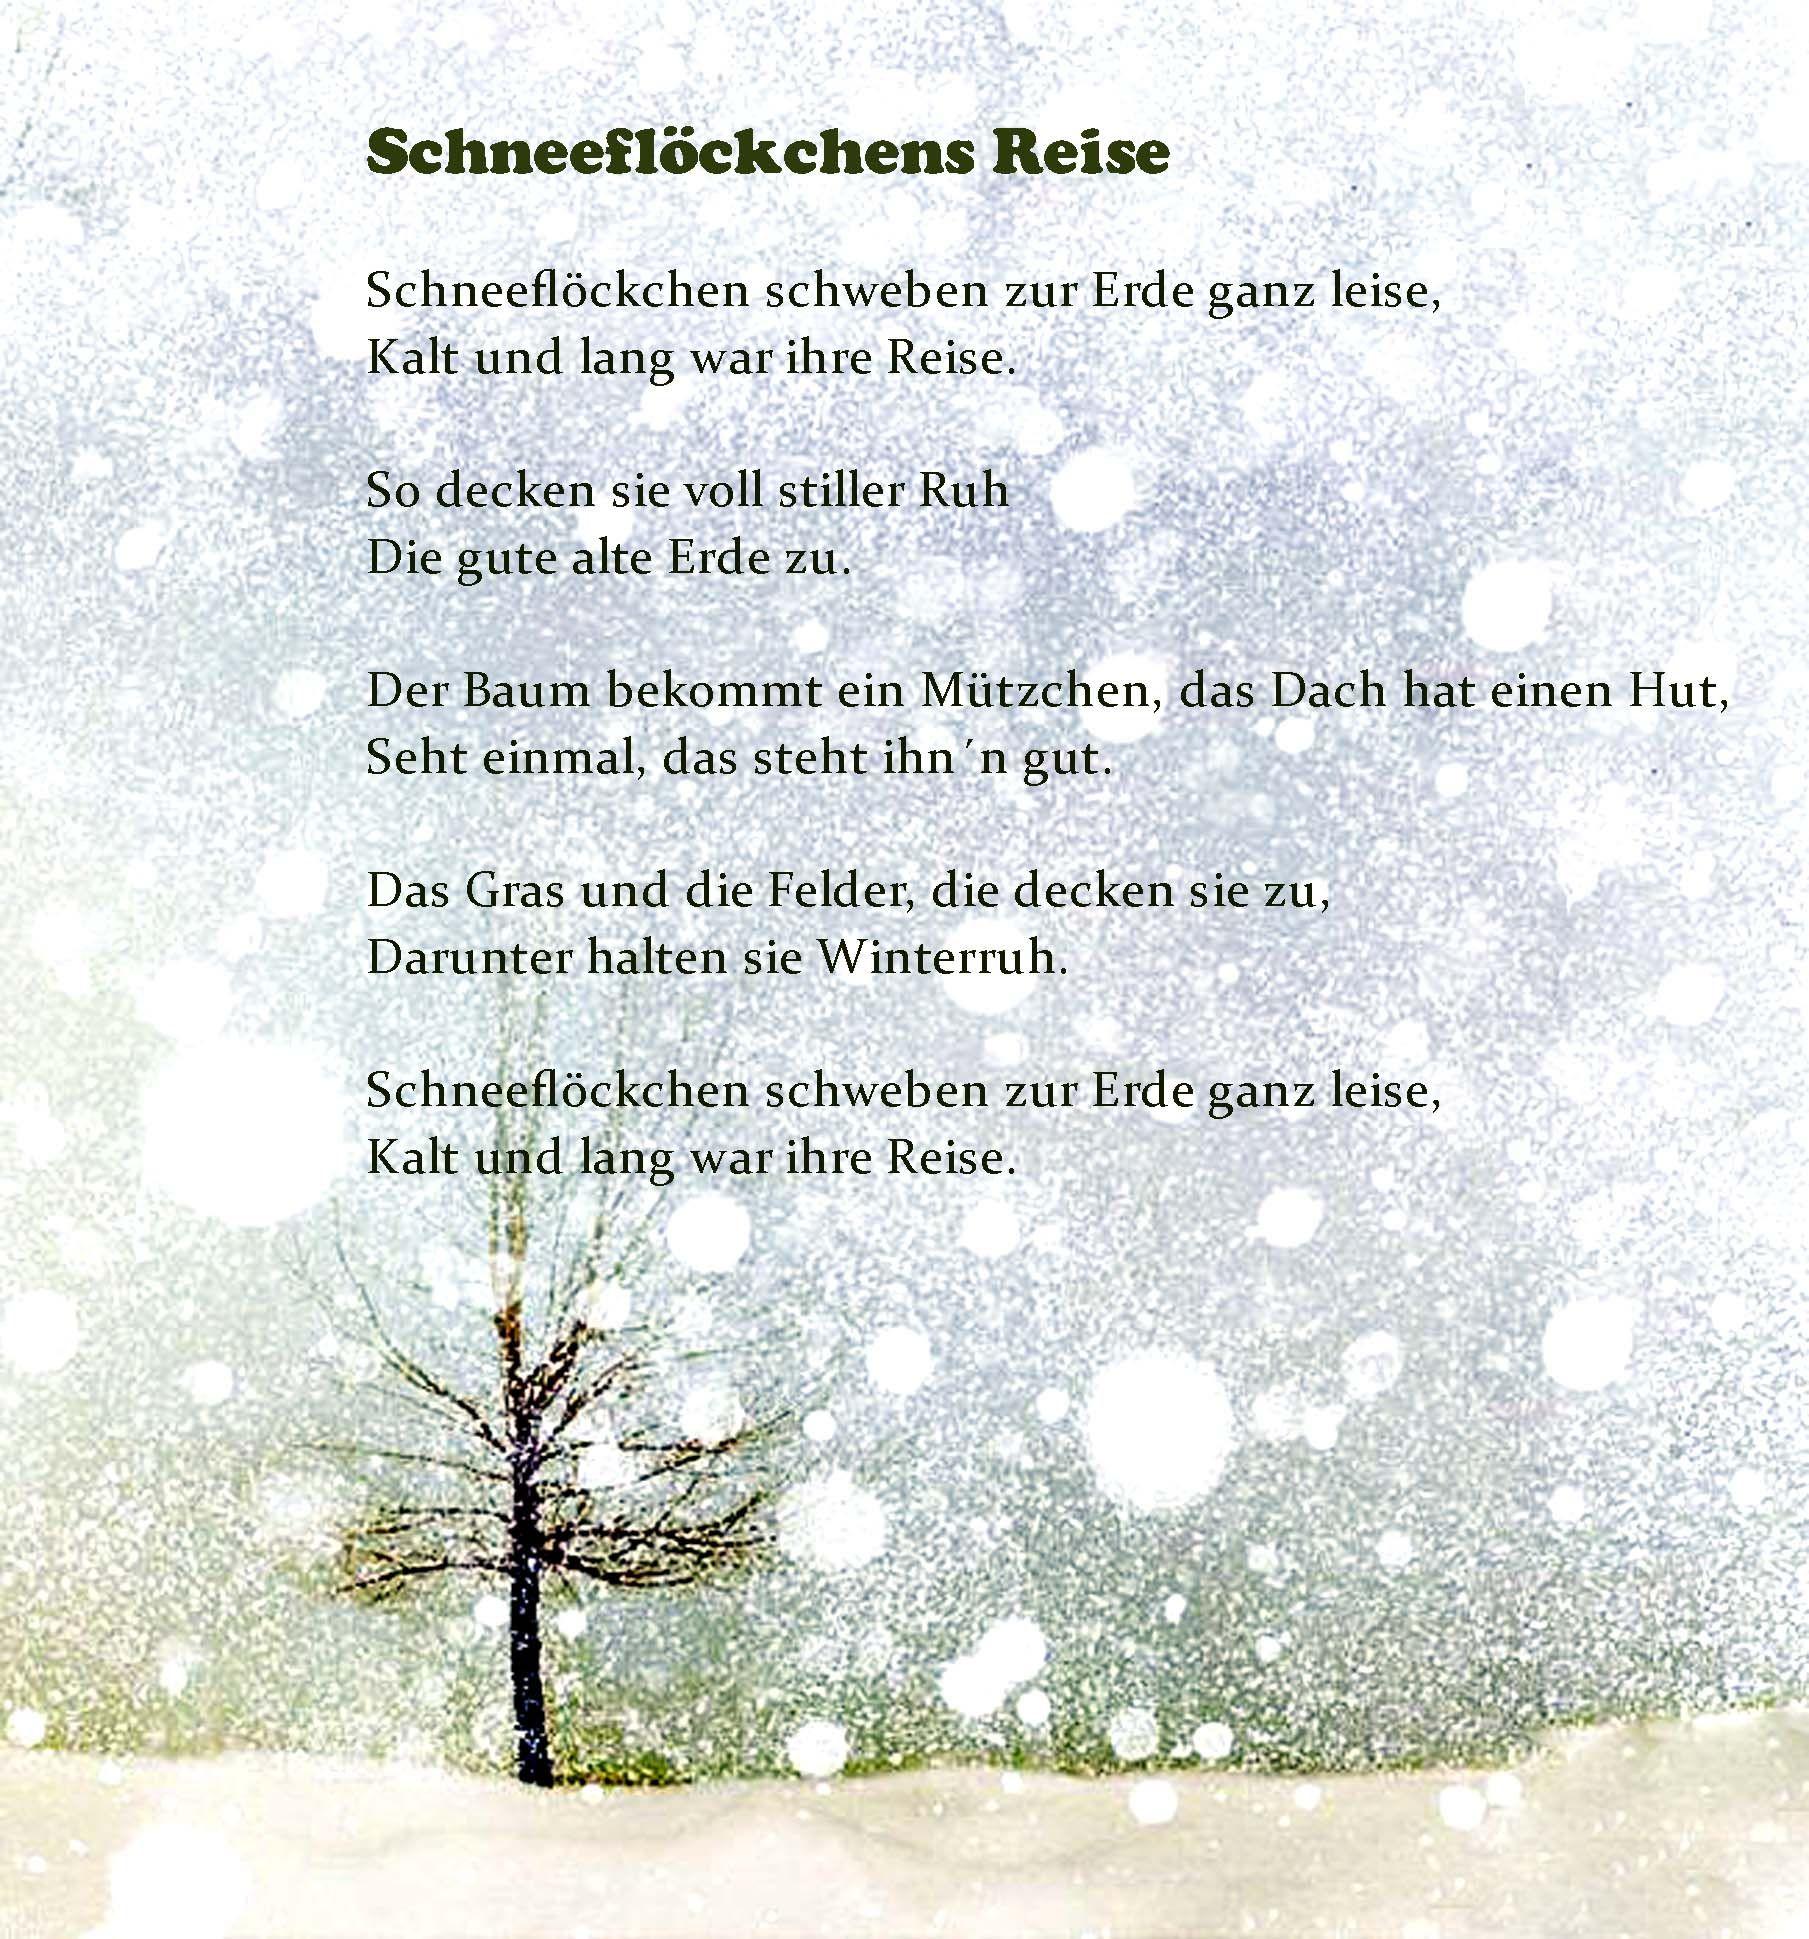 Schneeflöckchens Reise Geschichte Für Die Faltschnitt-Sterne mit Gedicht Winter Grundschule